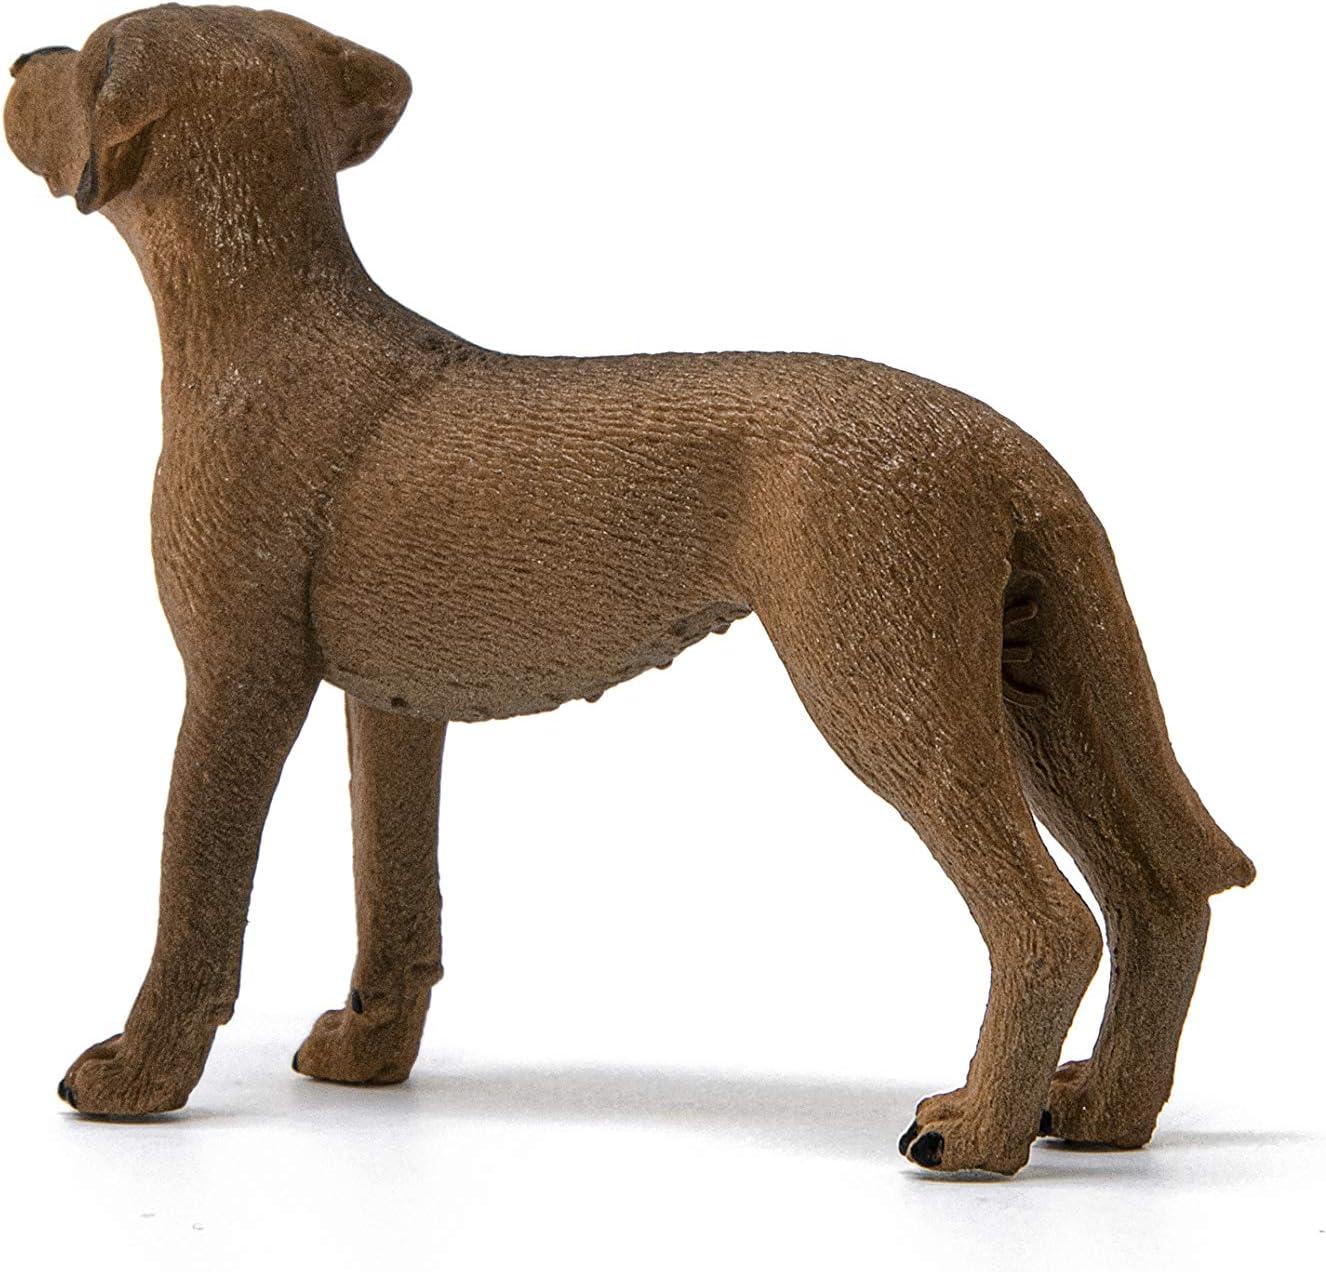 Schleich 13895 Rhodesian Ridgeback granja World perros nuevo 2020 nuevo con etiqueta